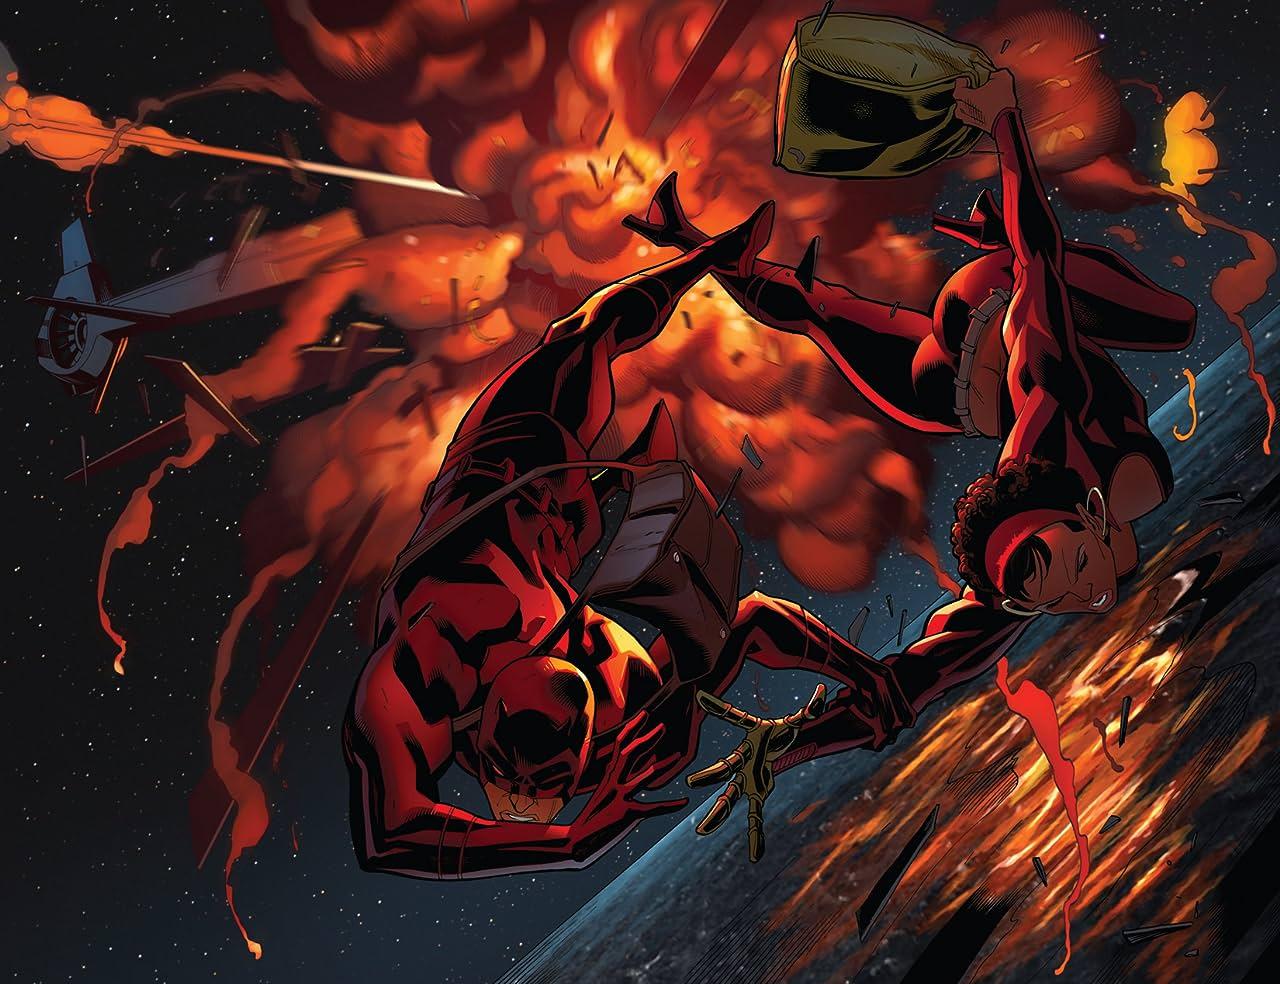 Daredevil: Dark Nights #7 (of 8)